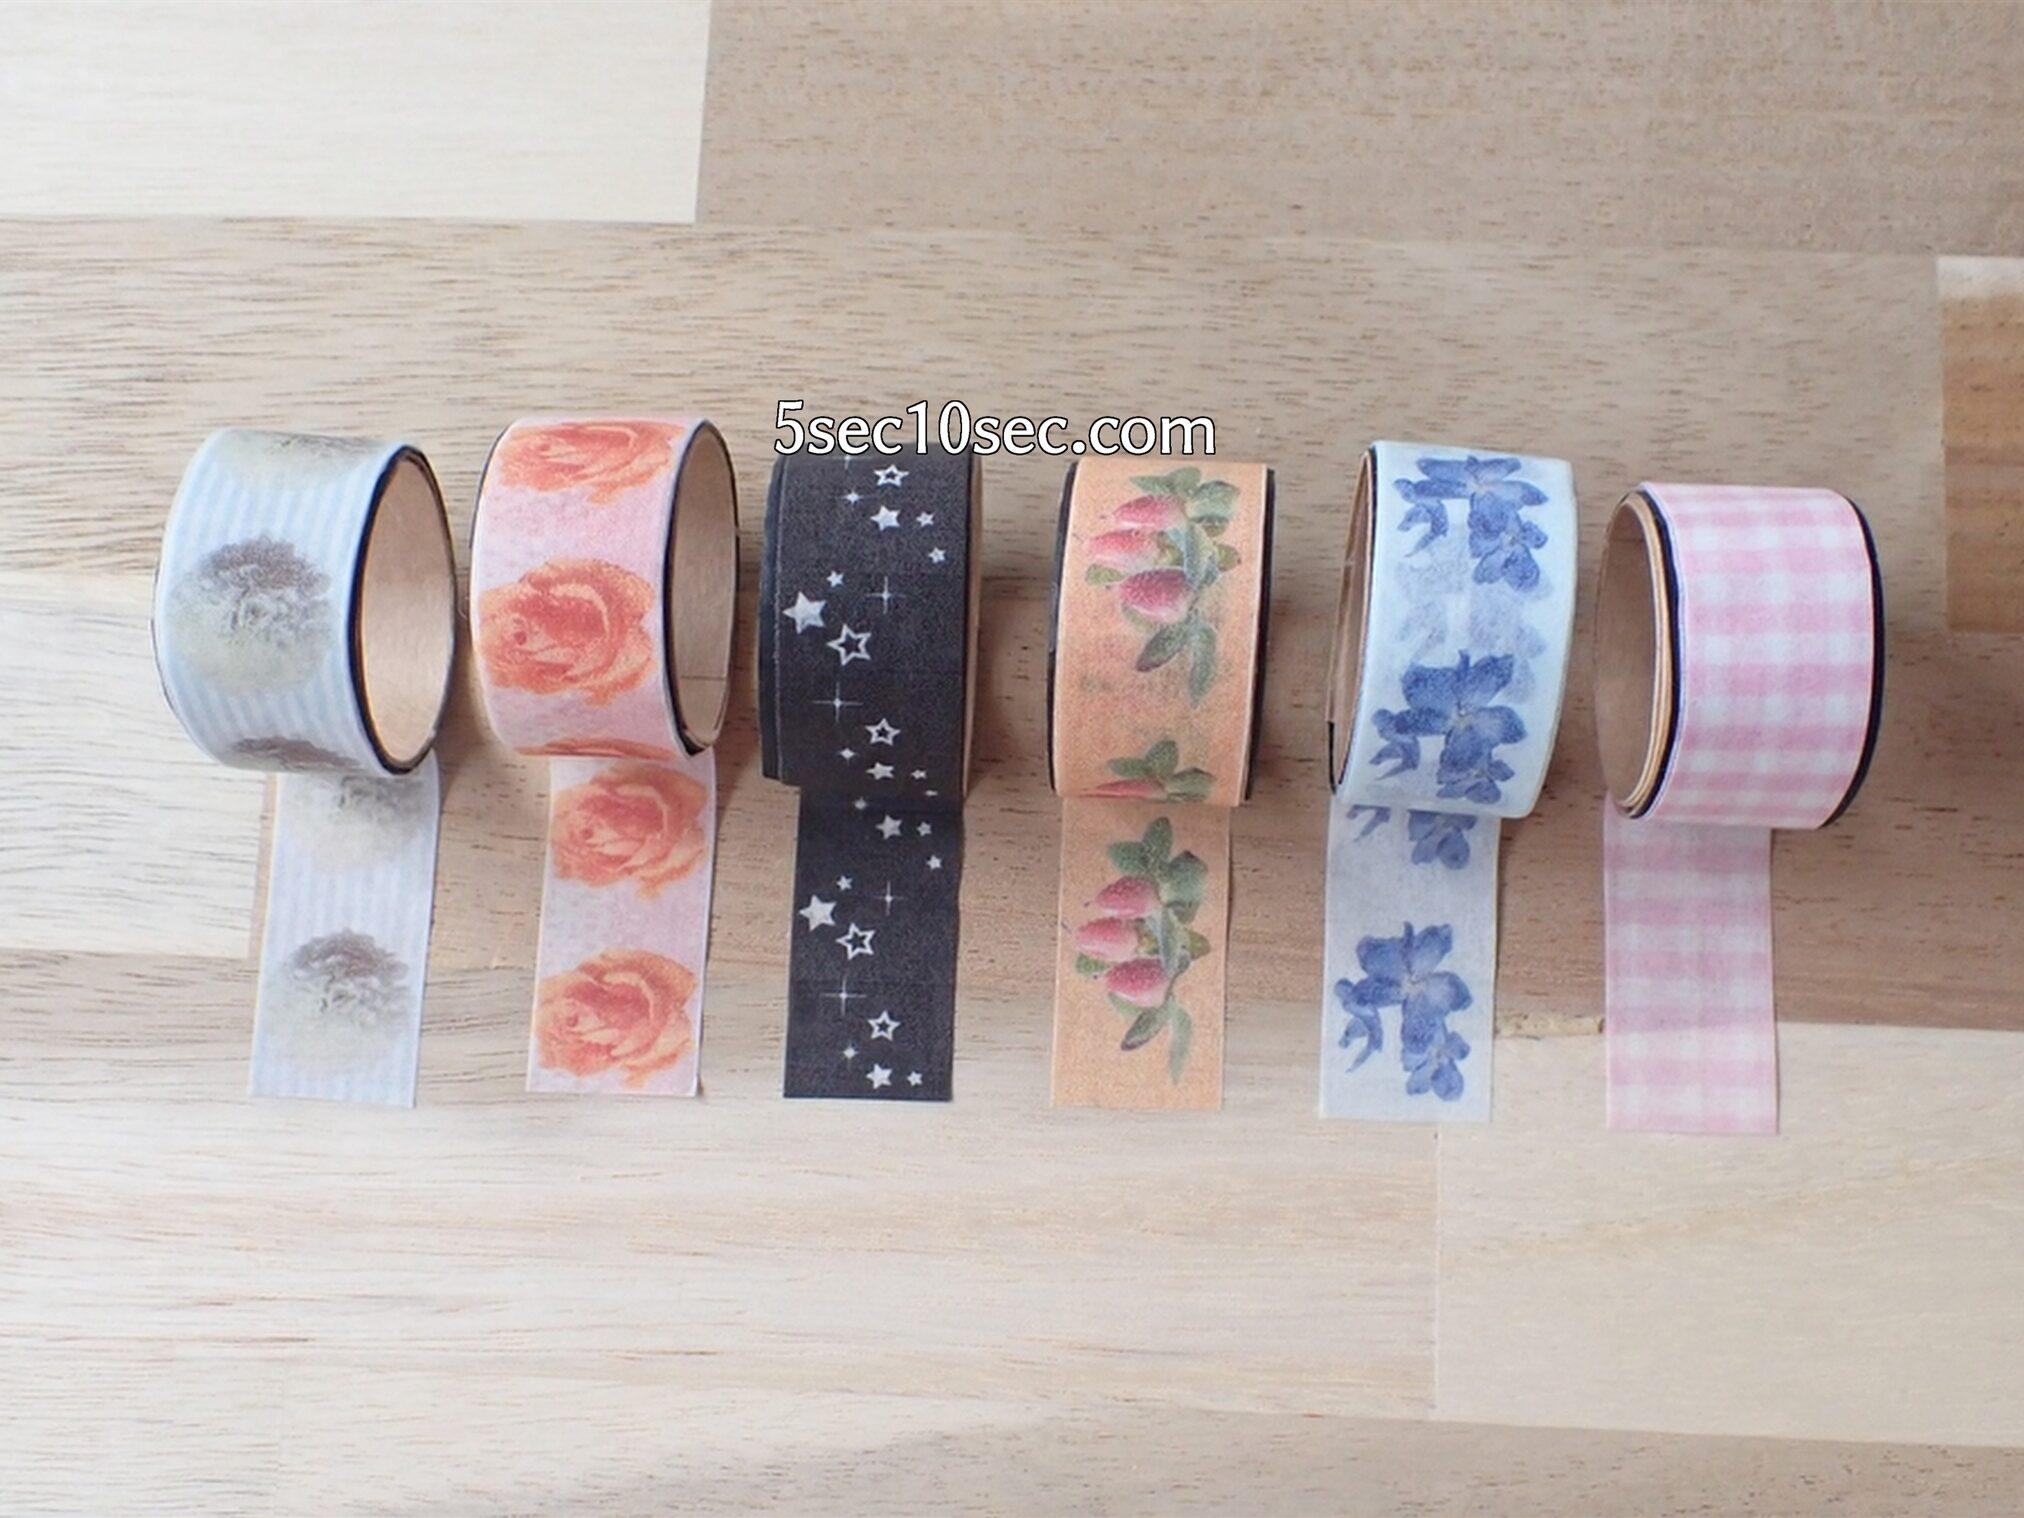 エレコム ELECOM マスキングテープラベル用紙 A4サイズ 3枚入り EDT-MTA4 Bloomee LIFE(ブルーミーライフ)のお花の写真を印刷してみた